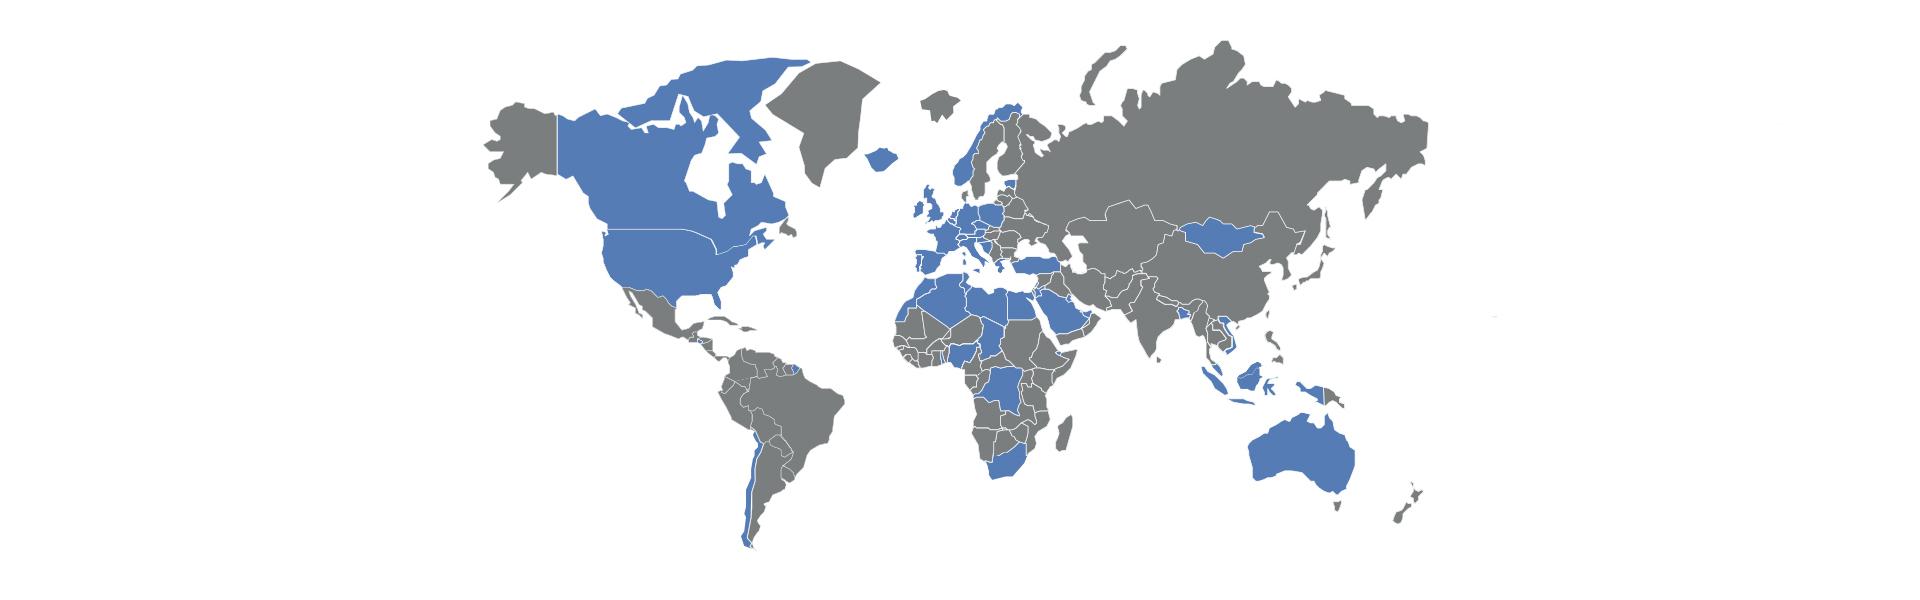 Foto: Schrack Seconet Care Communcation - Globale Stärke. Lokale Expertise. Zu Ihren Diensten.